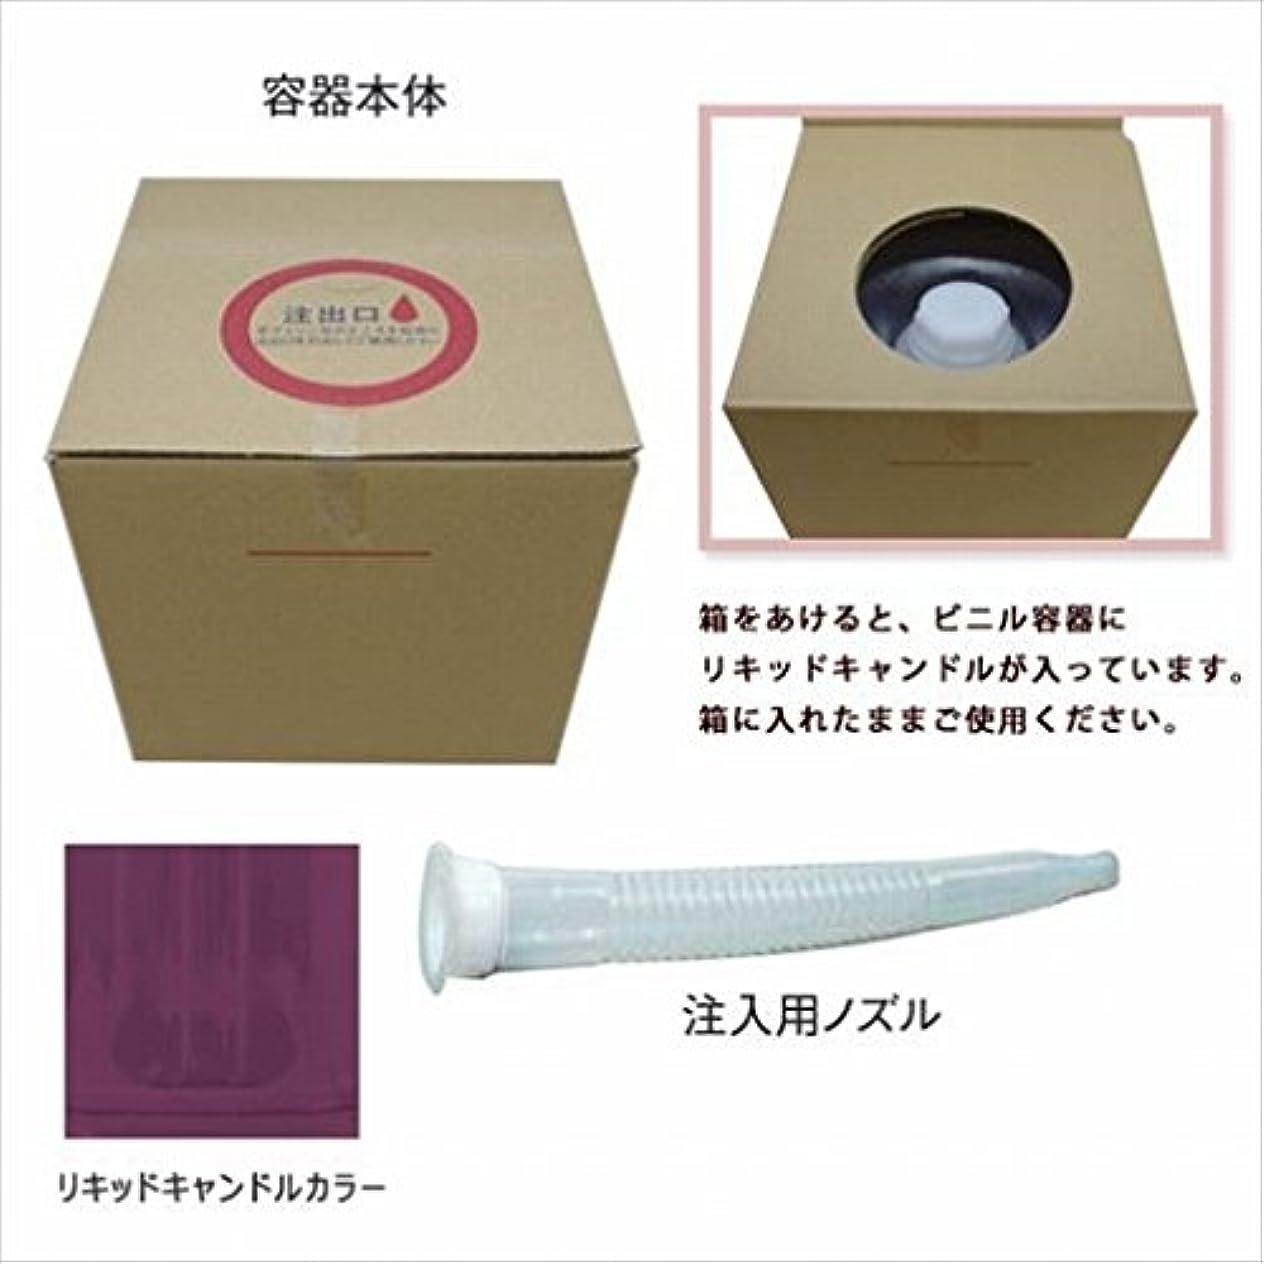 トレーニング一定眩惑するカメヤマキャンドル(kameyama candle) リキッドキャンドル5リットル 「 バイオレット 」